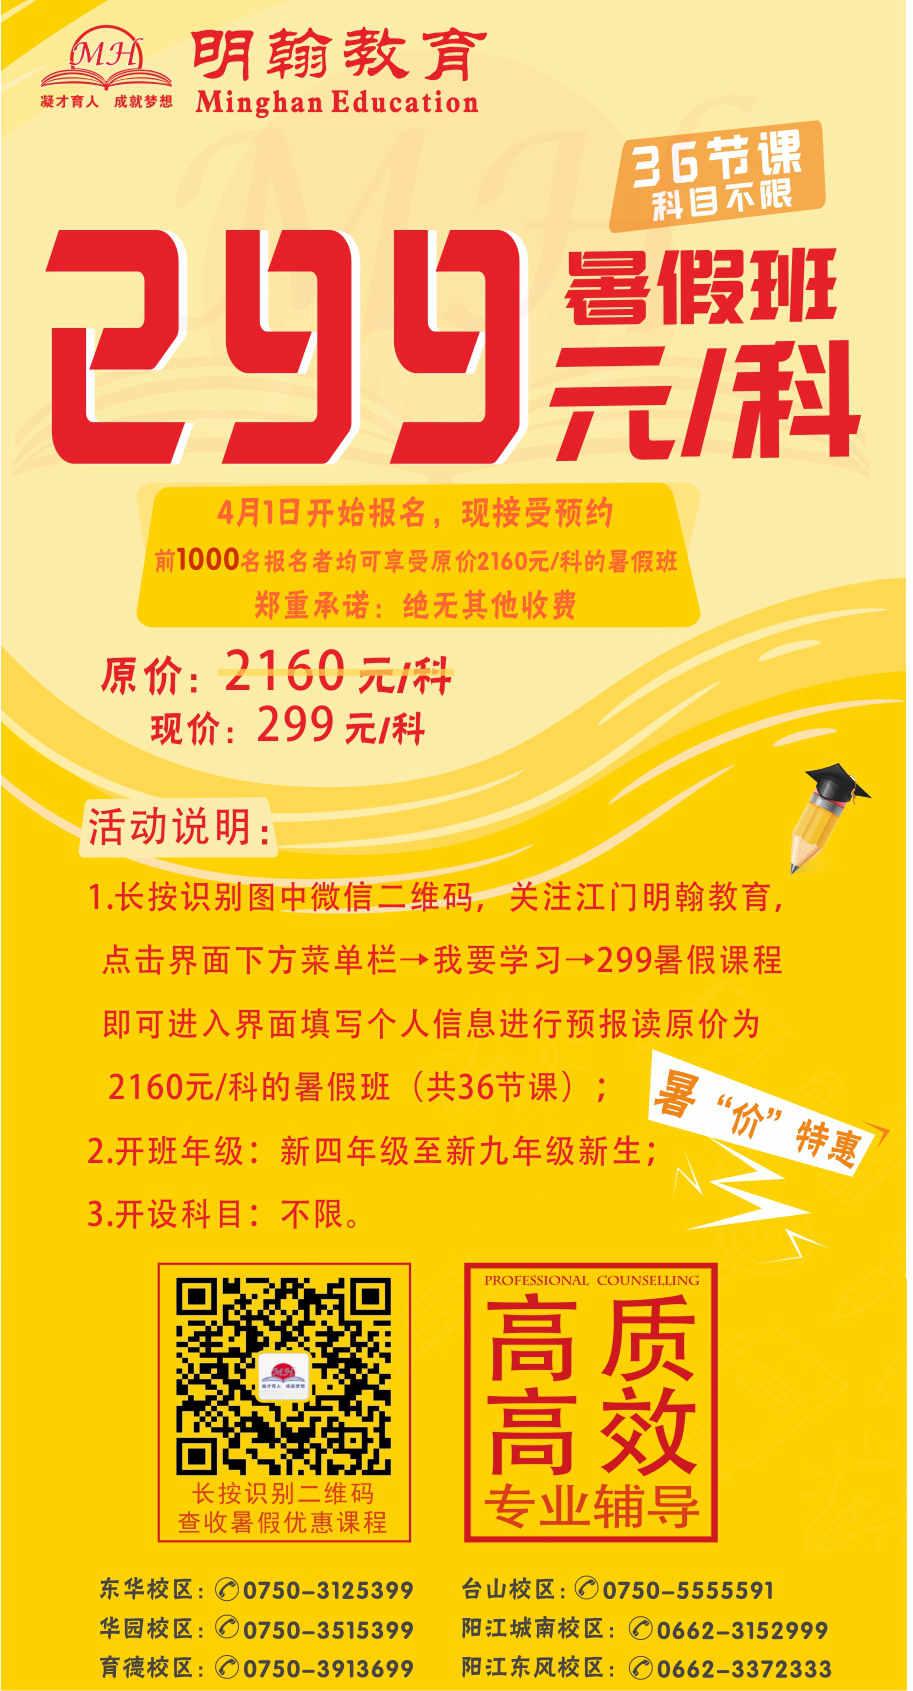 江门补习明翰暑假班299元/36节课